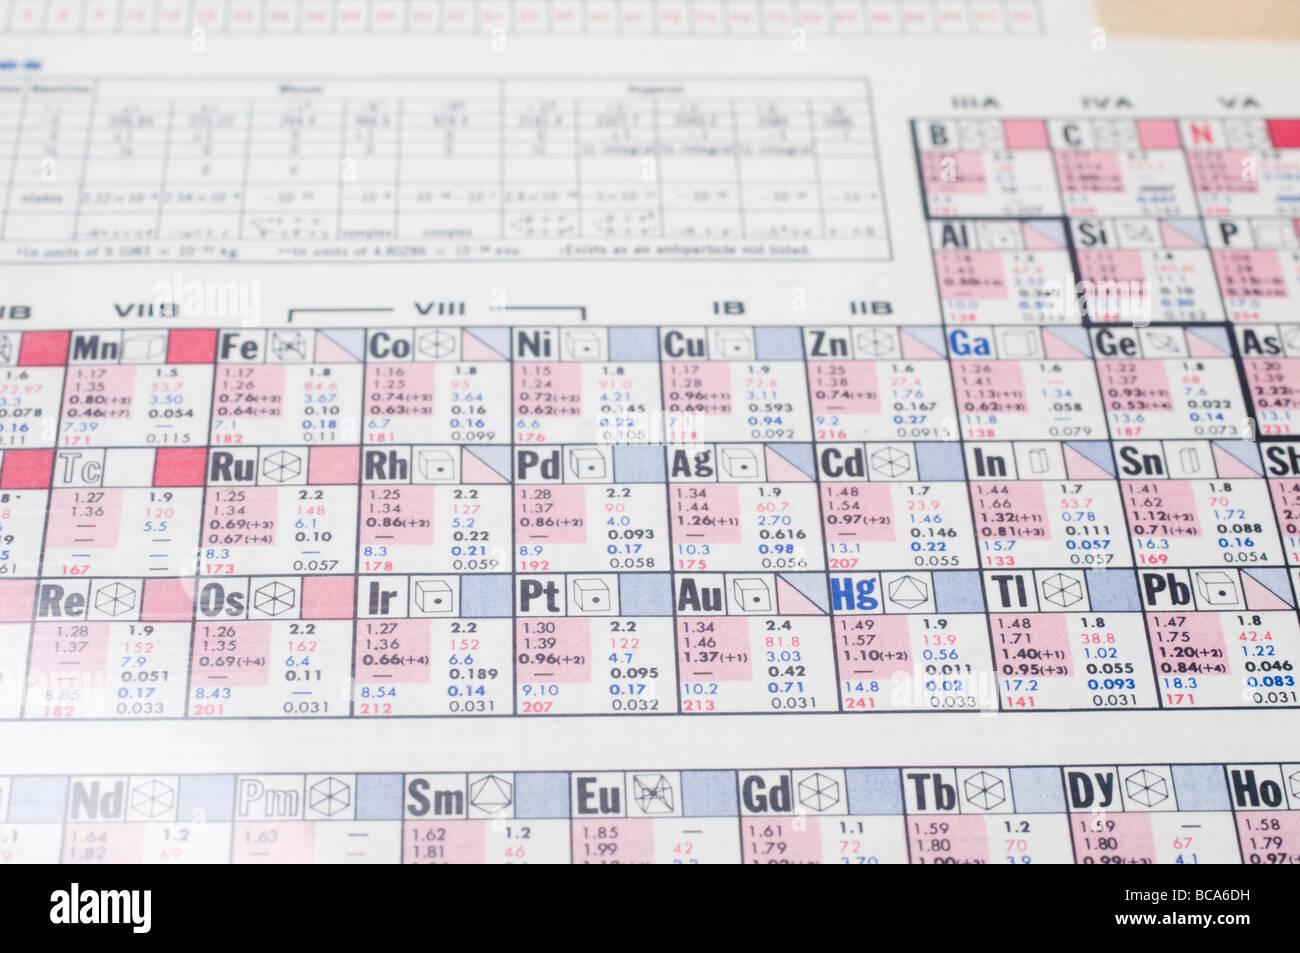 Tabla peridica qumica el enfoque selectivo de la tabla peridica tabla peridica qumica el enfoque selectivo de la tabla peridica muestra los elementos qumicos ordenados por nmero atmico urtaz Choice Image